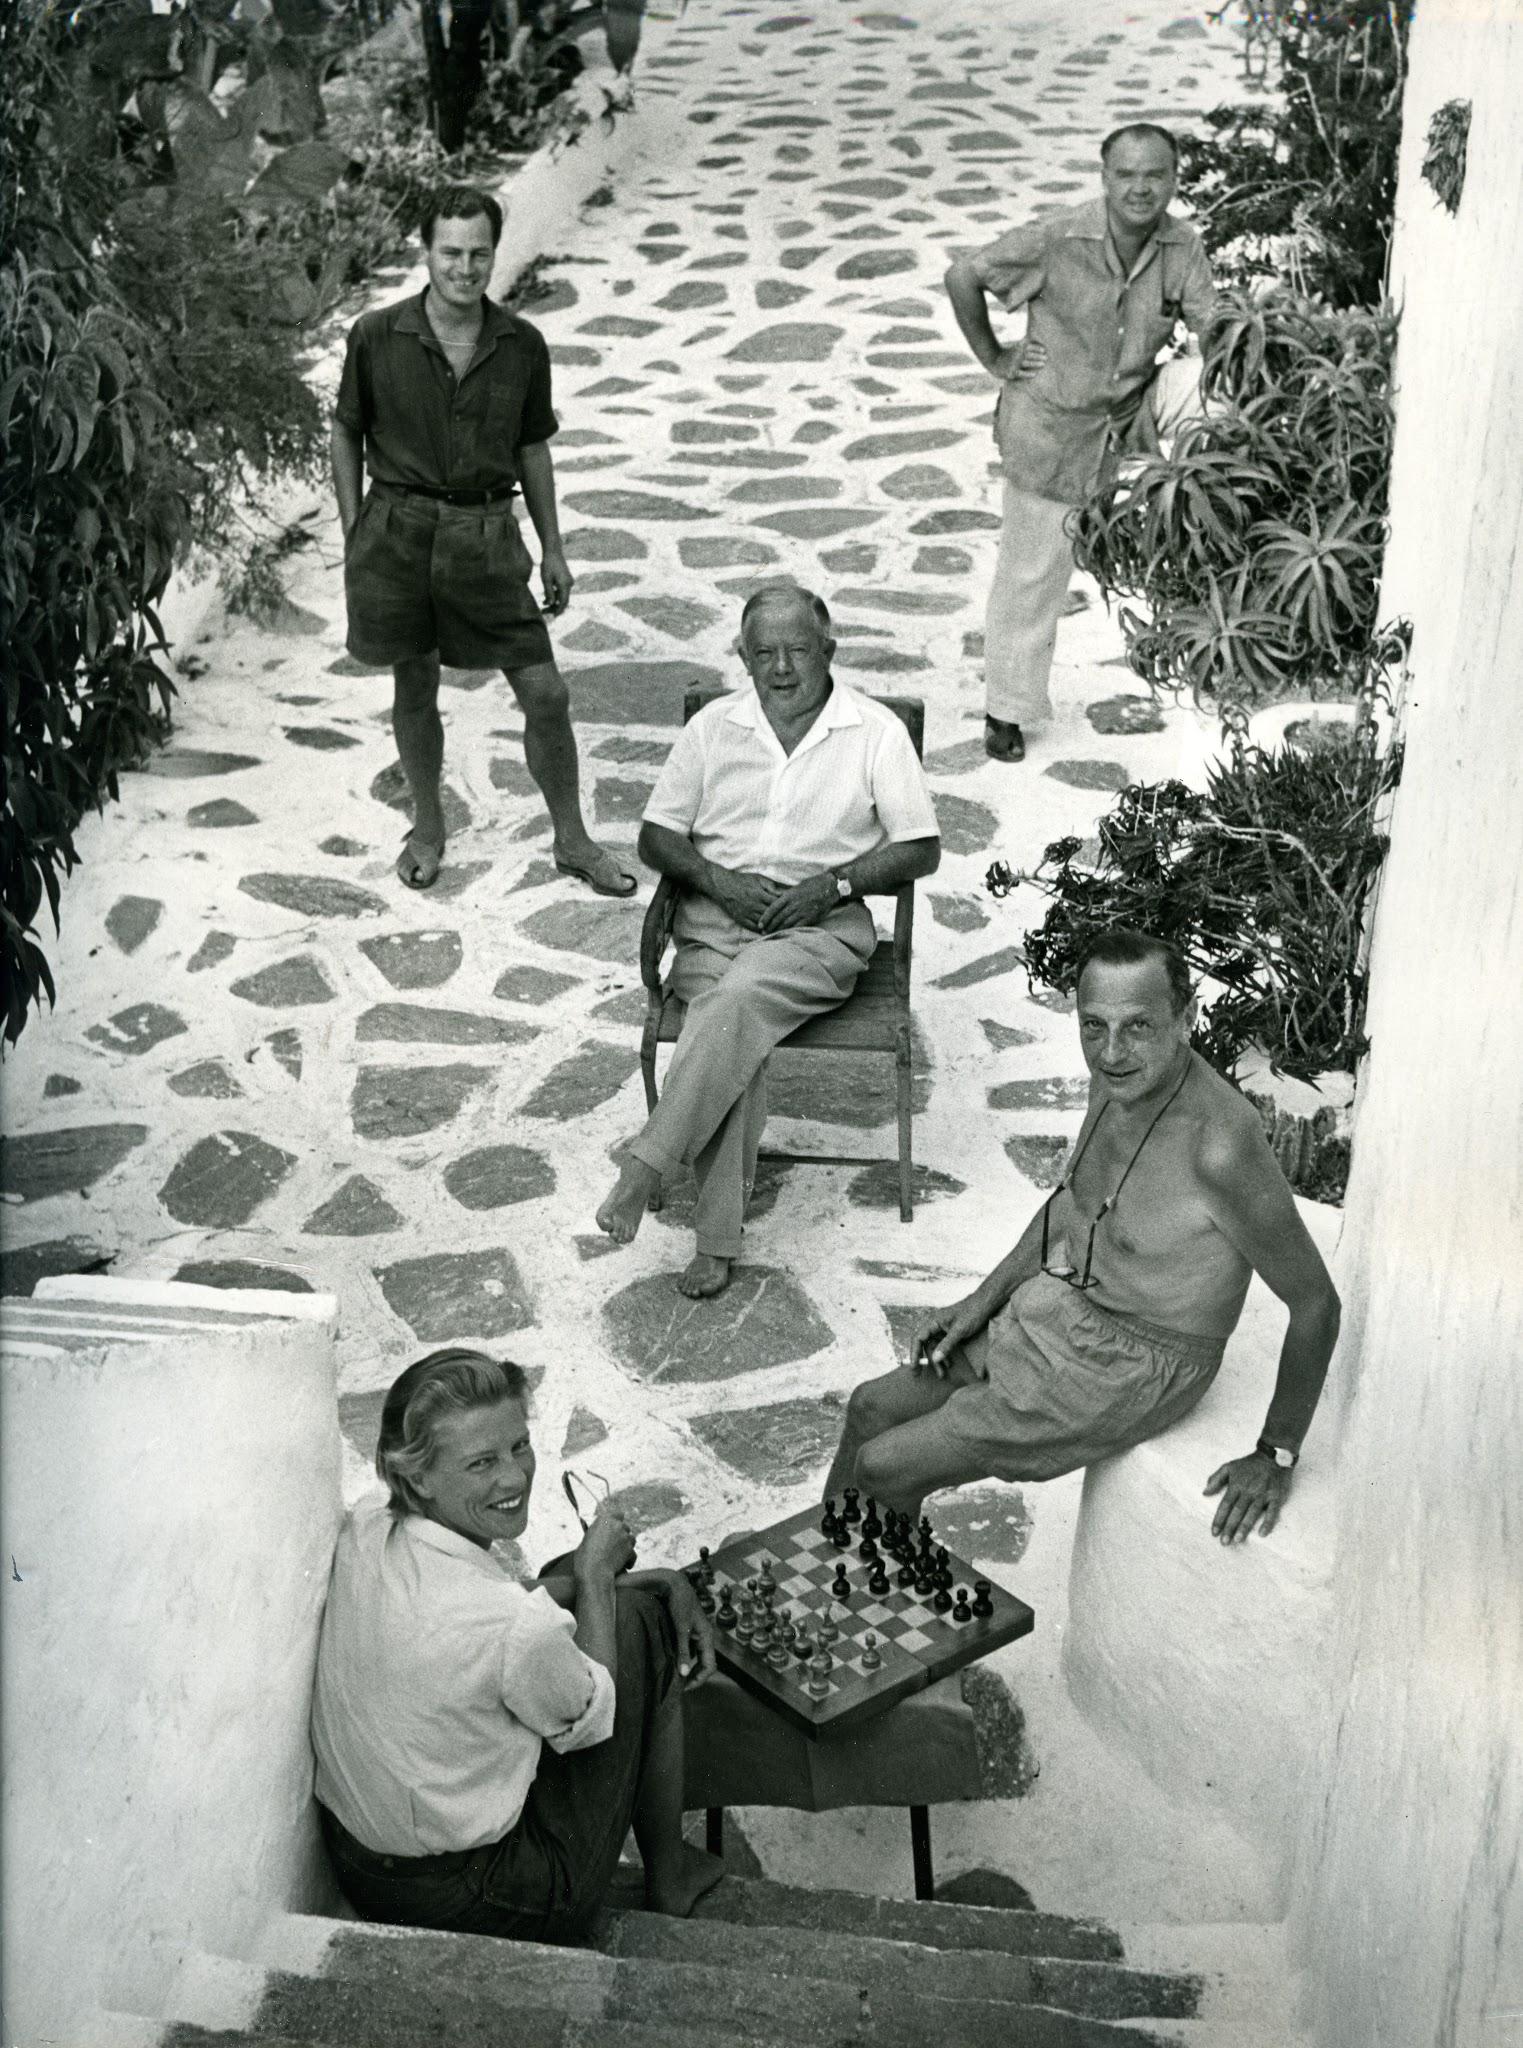 (Από αριστερά) Ο Patrick Leigh Fermor, o Cyril Connolly, ο Maurice Bowra (στο κέντρο), o Ernst Kantorowitz και η Joan Leigh Fermor στο σπίτι των Γκίκα στην Ύδρα το 1955. Μουσείο Μπενάκη — Πινακοθήκη Γκίκα, Φωτογραφικό Αρχείο, Αθήνα